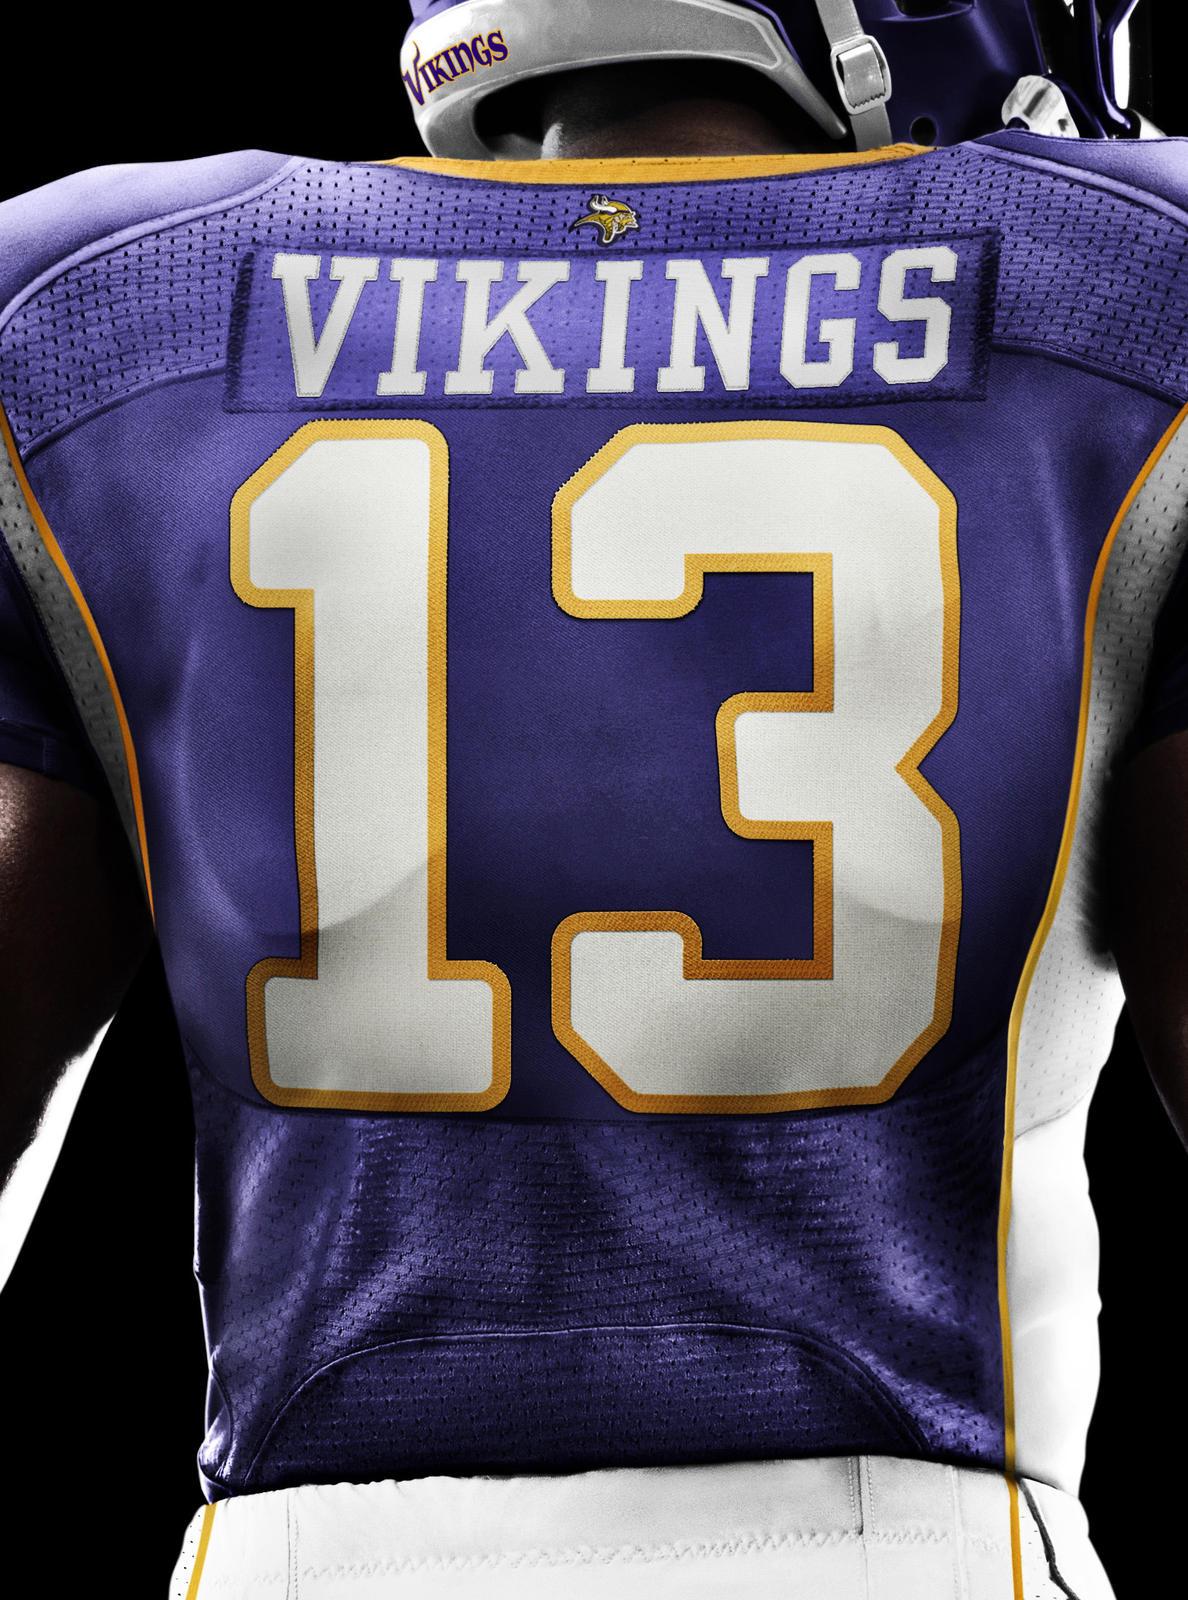 Minnesota Vikings Nfl Bath Towel Set All By Freemansalesgirl: Minnesota Vikings 2012 Nike Football Uniform